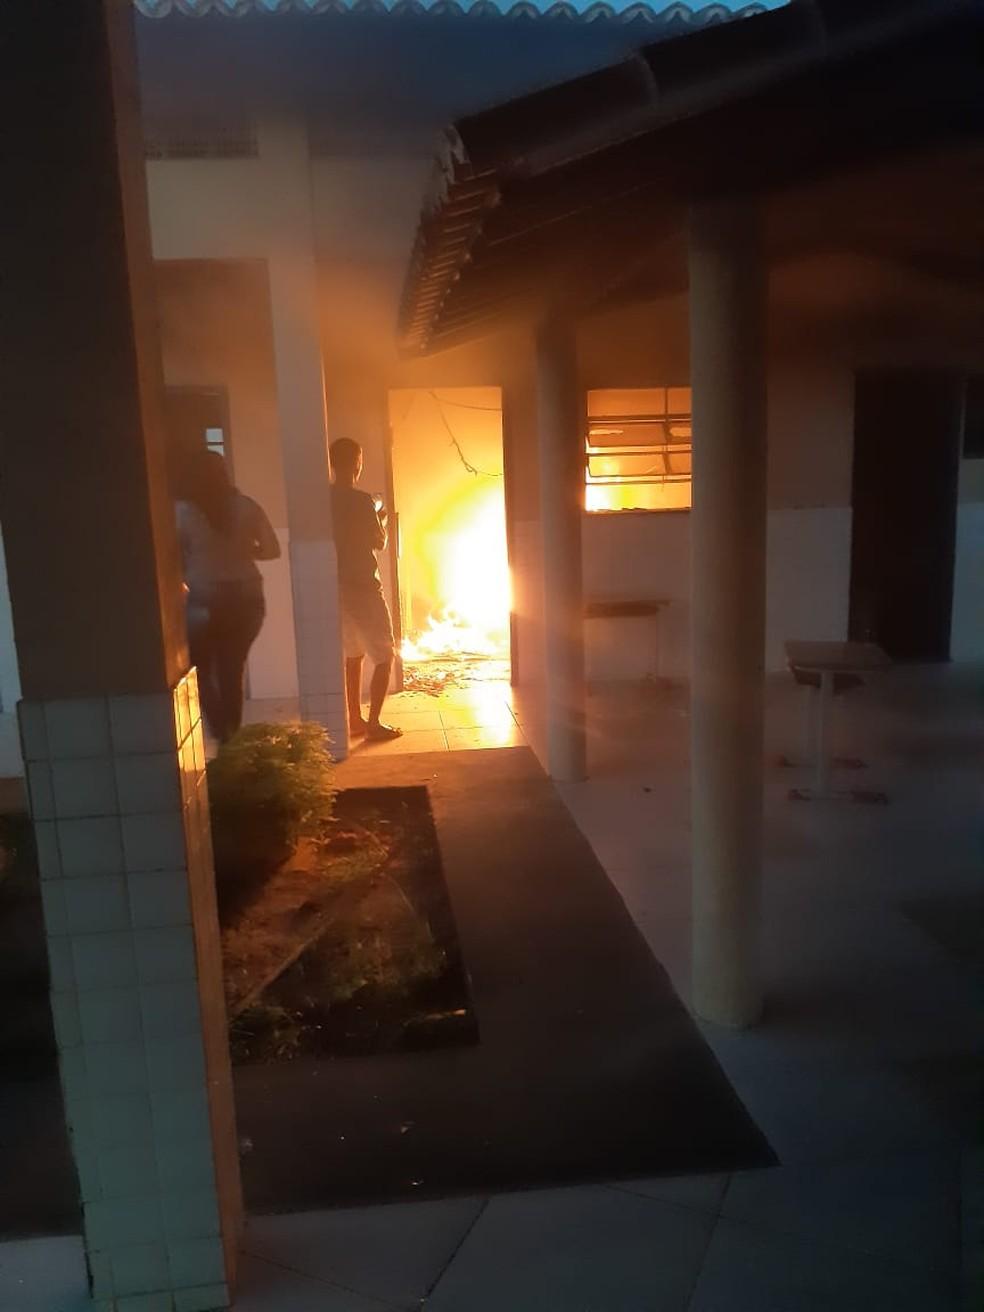 Incêndio atinge sala de aula em escola da Grande Natal — Foto: Reprodução